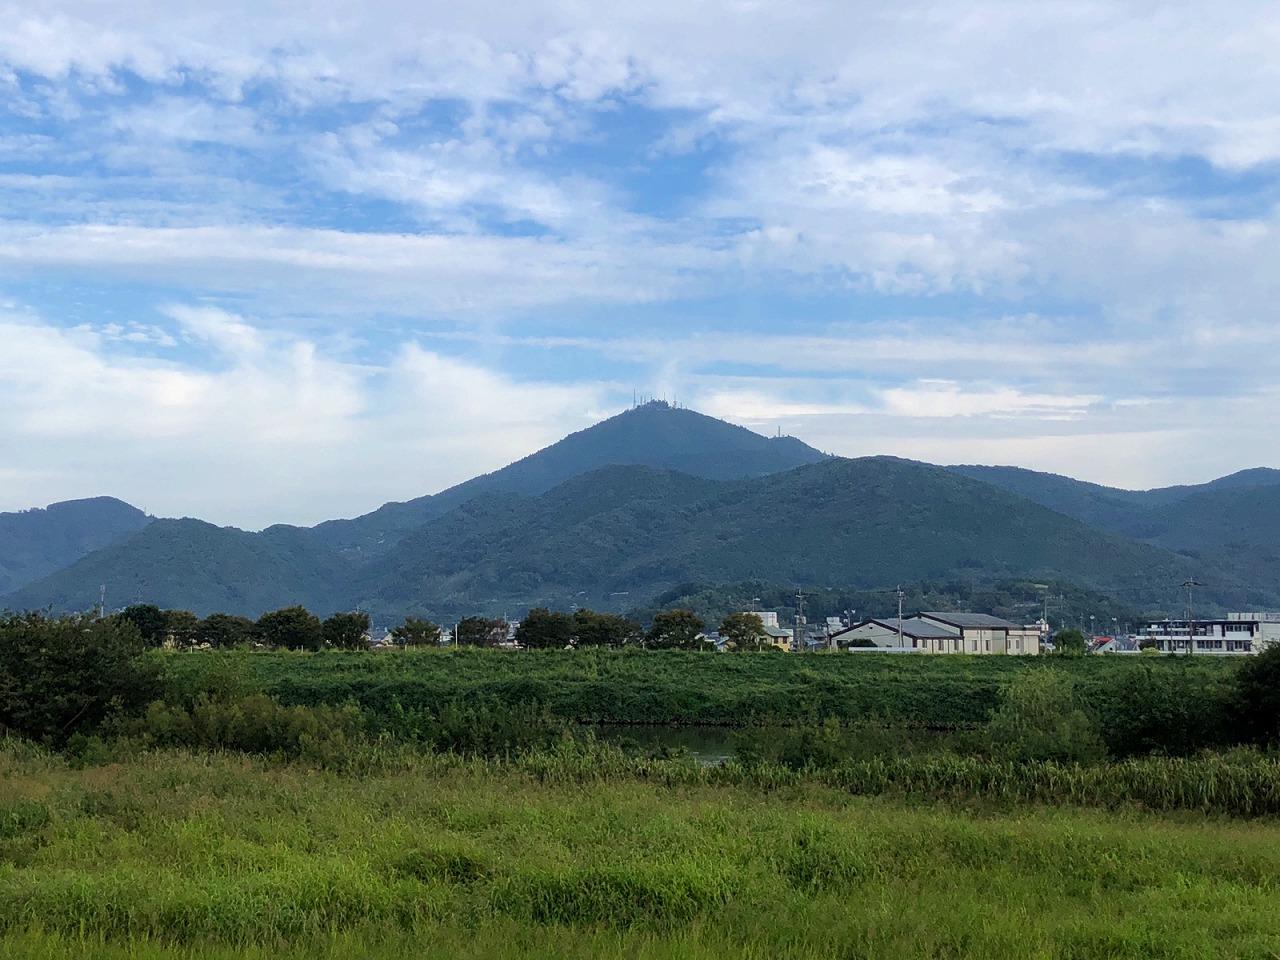 2018.10.2今朝の金峰山です。